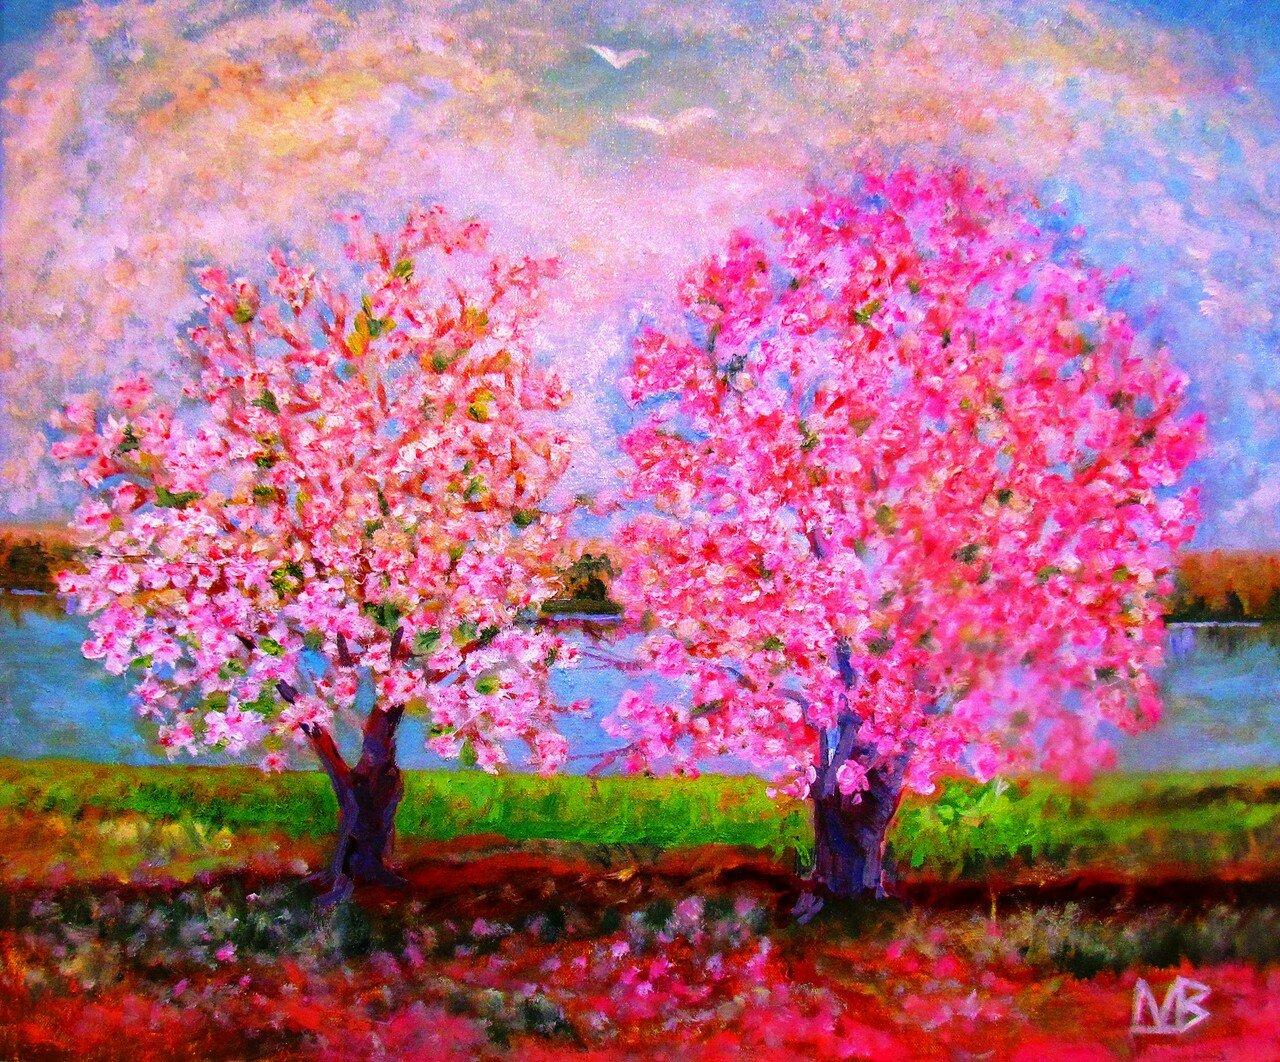 валентина маслова.яблоня в цвету - на здоровье и женское счастье.jpg